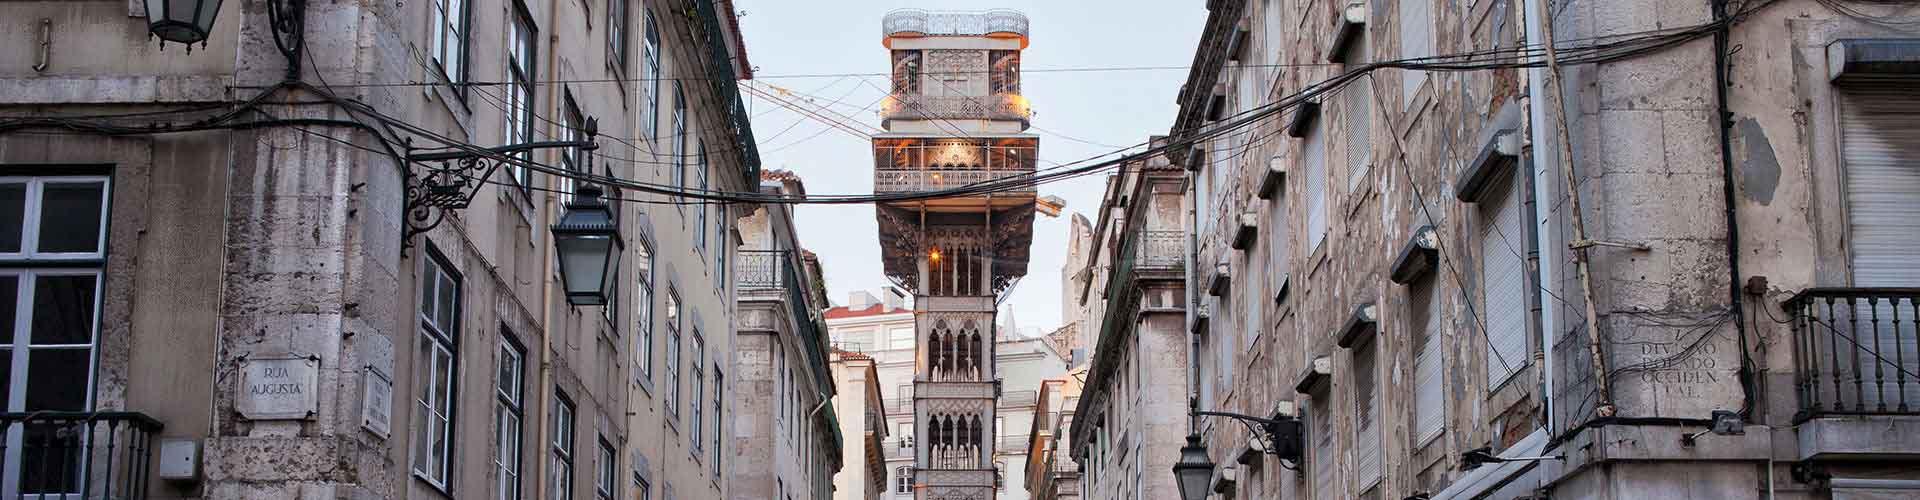 Lisboa - Habitaciones cerca a Ascensor de Santa Justa. Mapas de Lisboa, Fotos y comentarios de cada Habitación en Lisboa.